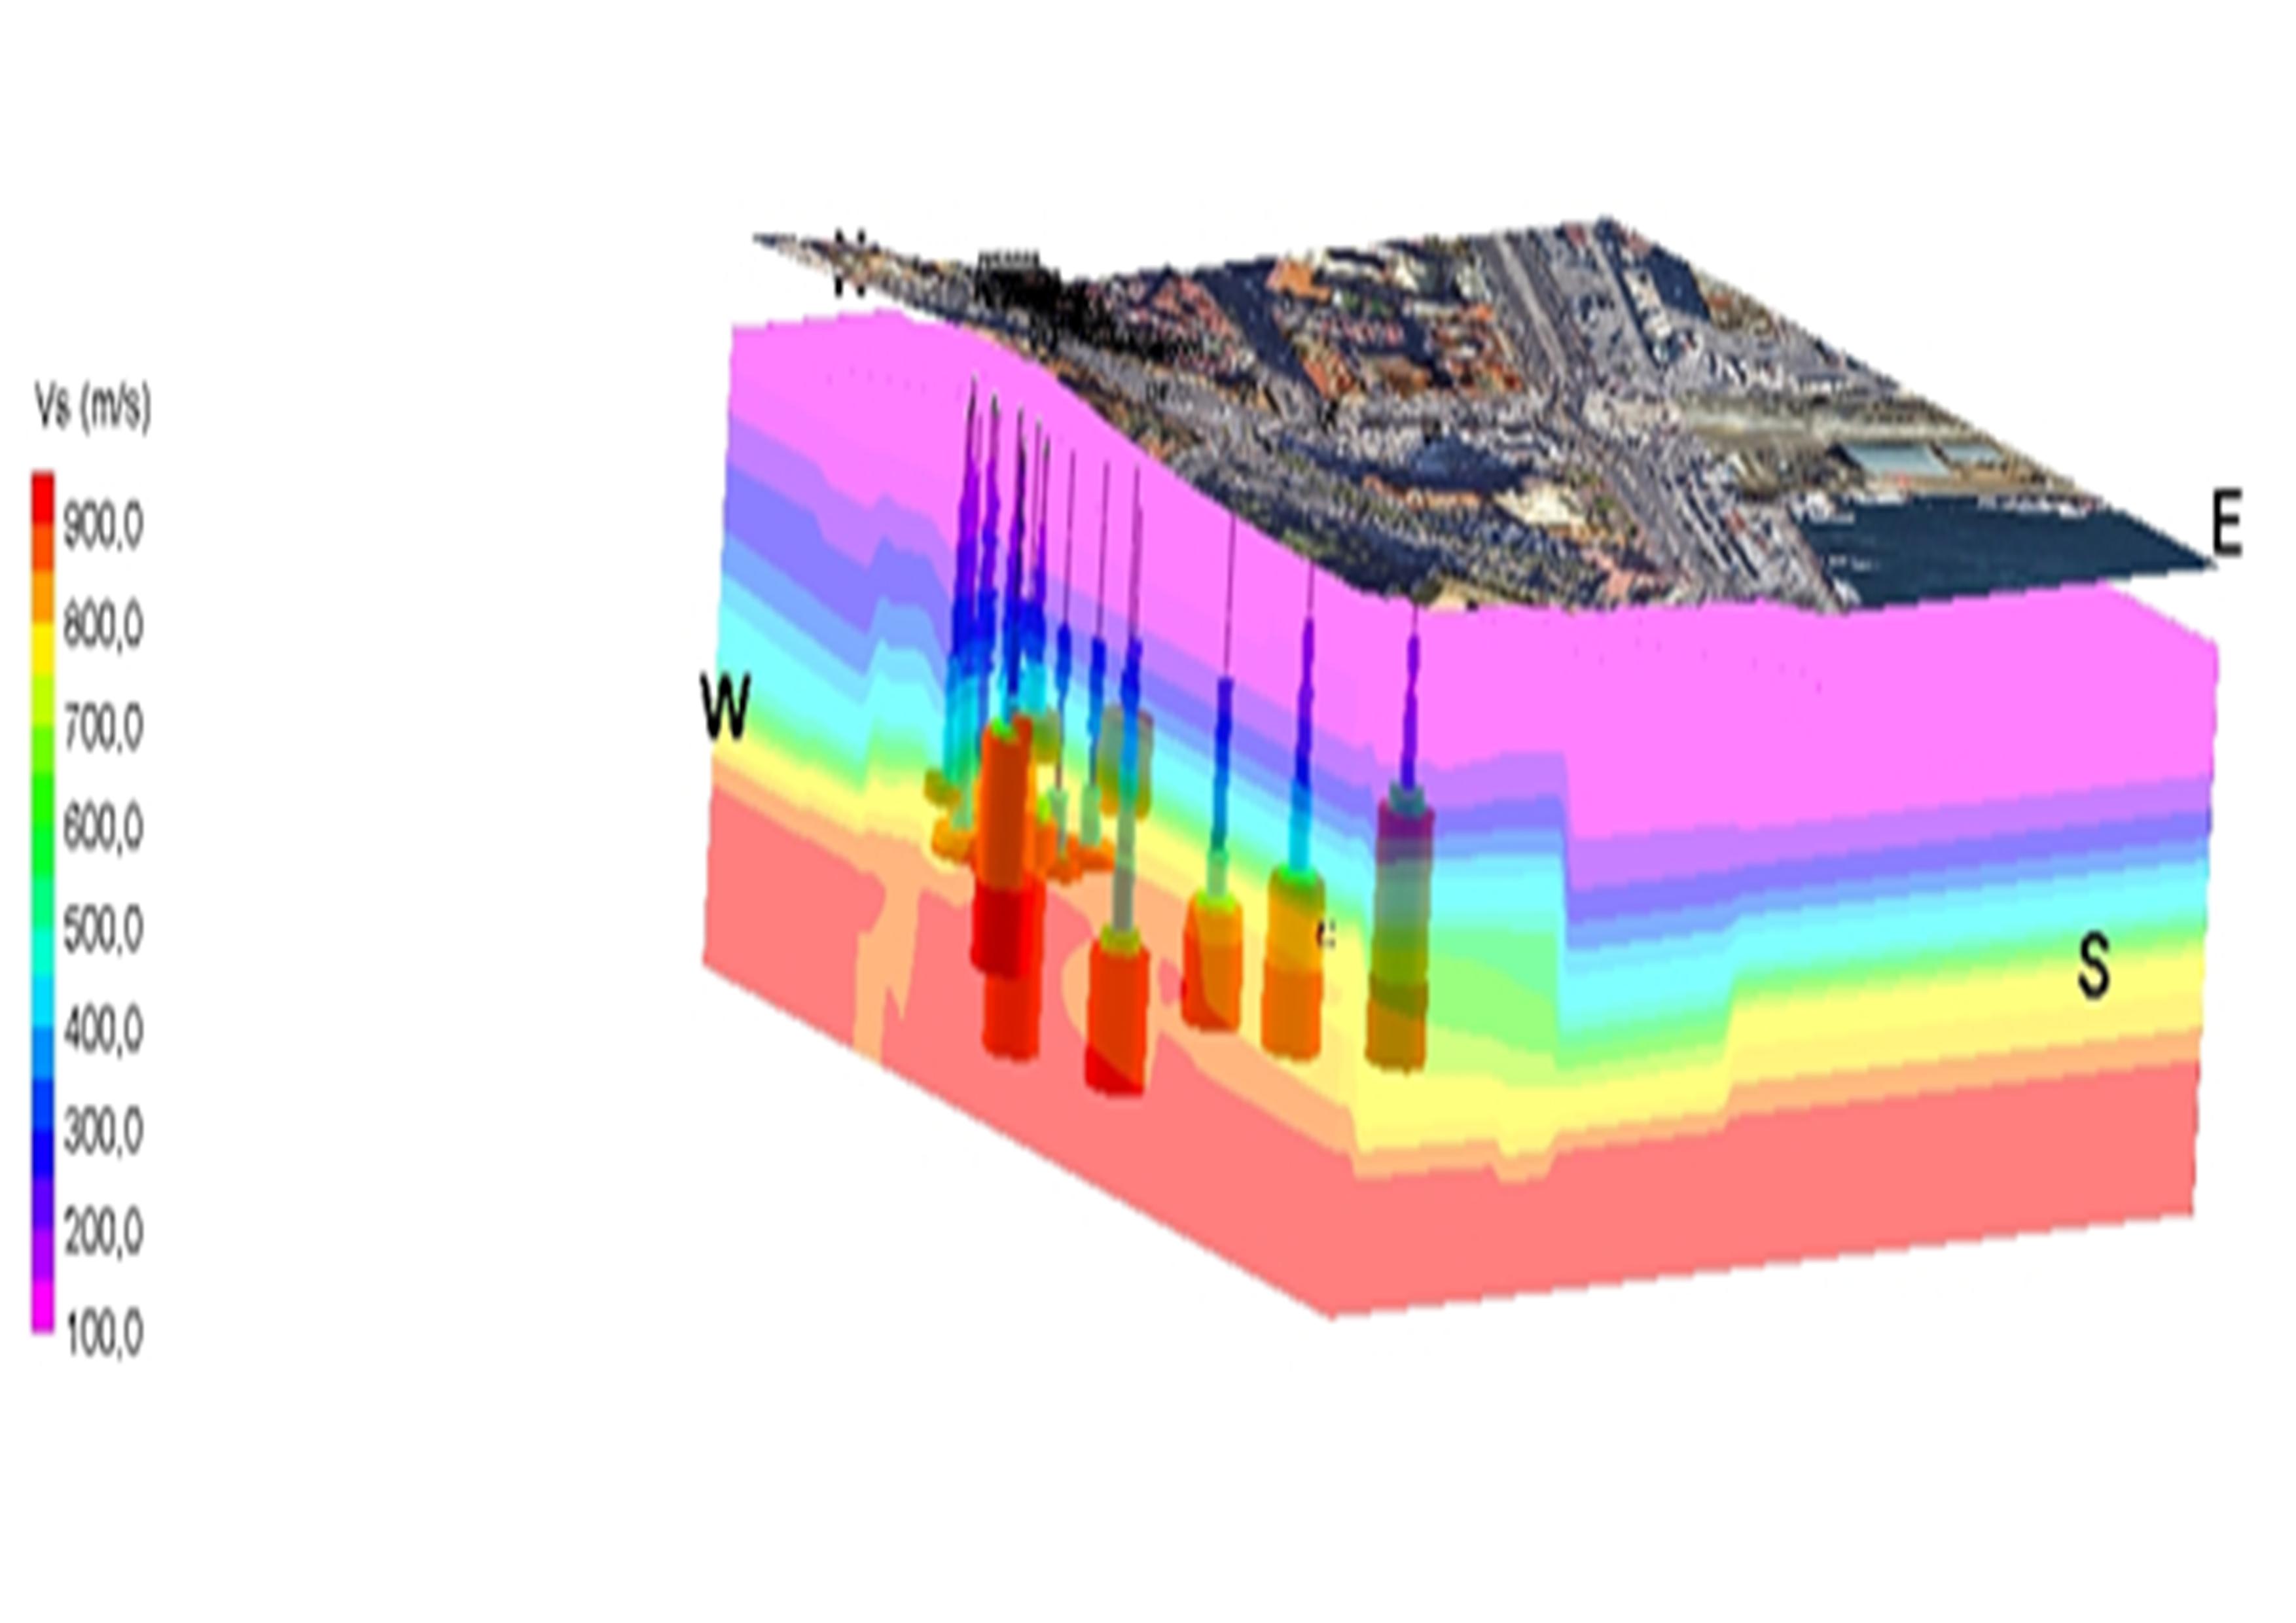 Caratterizzazione sismica dell'area sulla base di dati di monitoraggio già esistenti